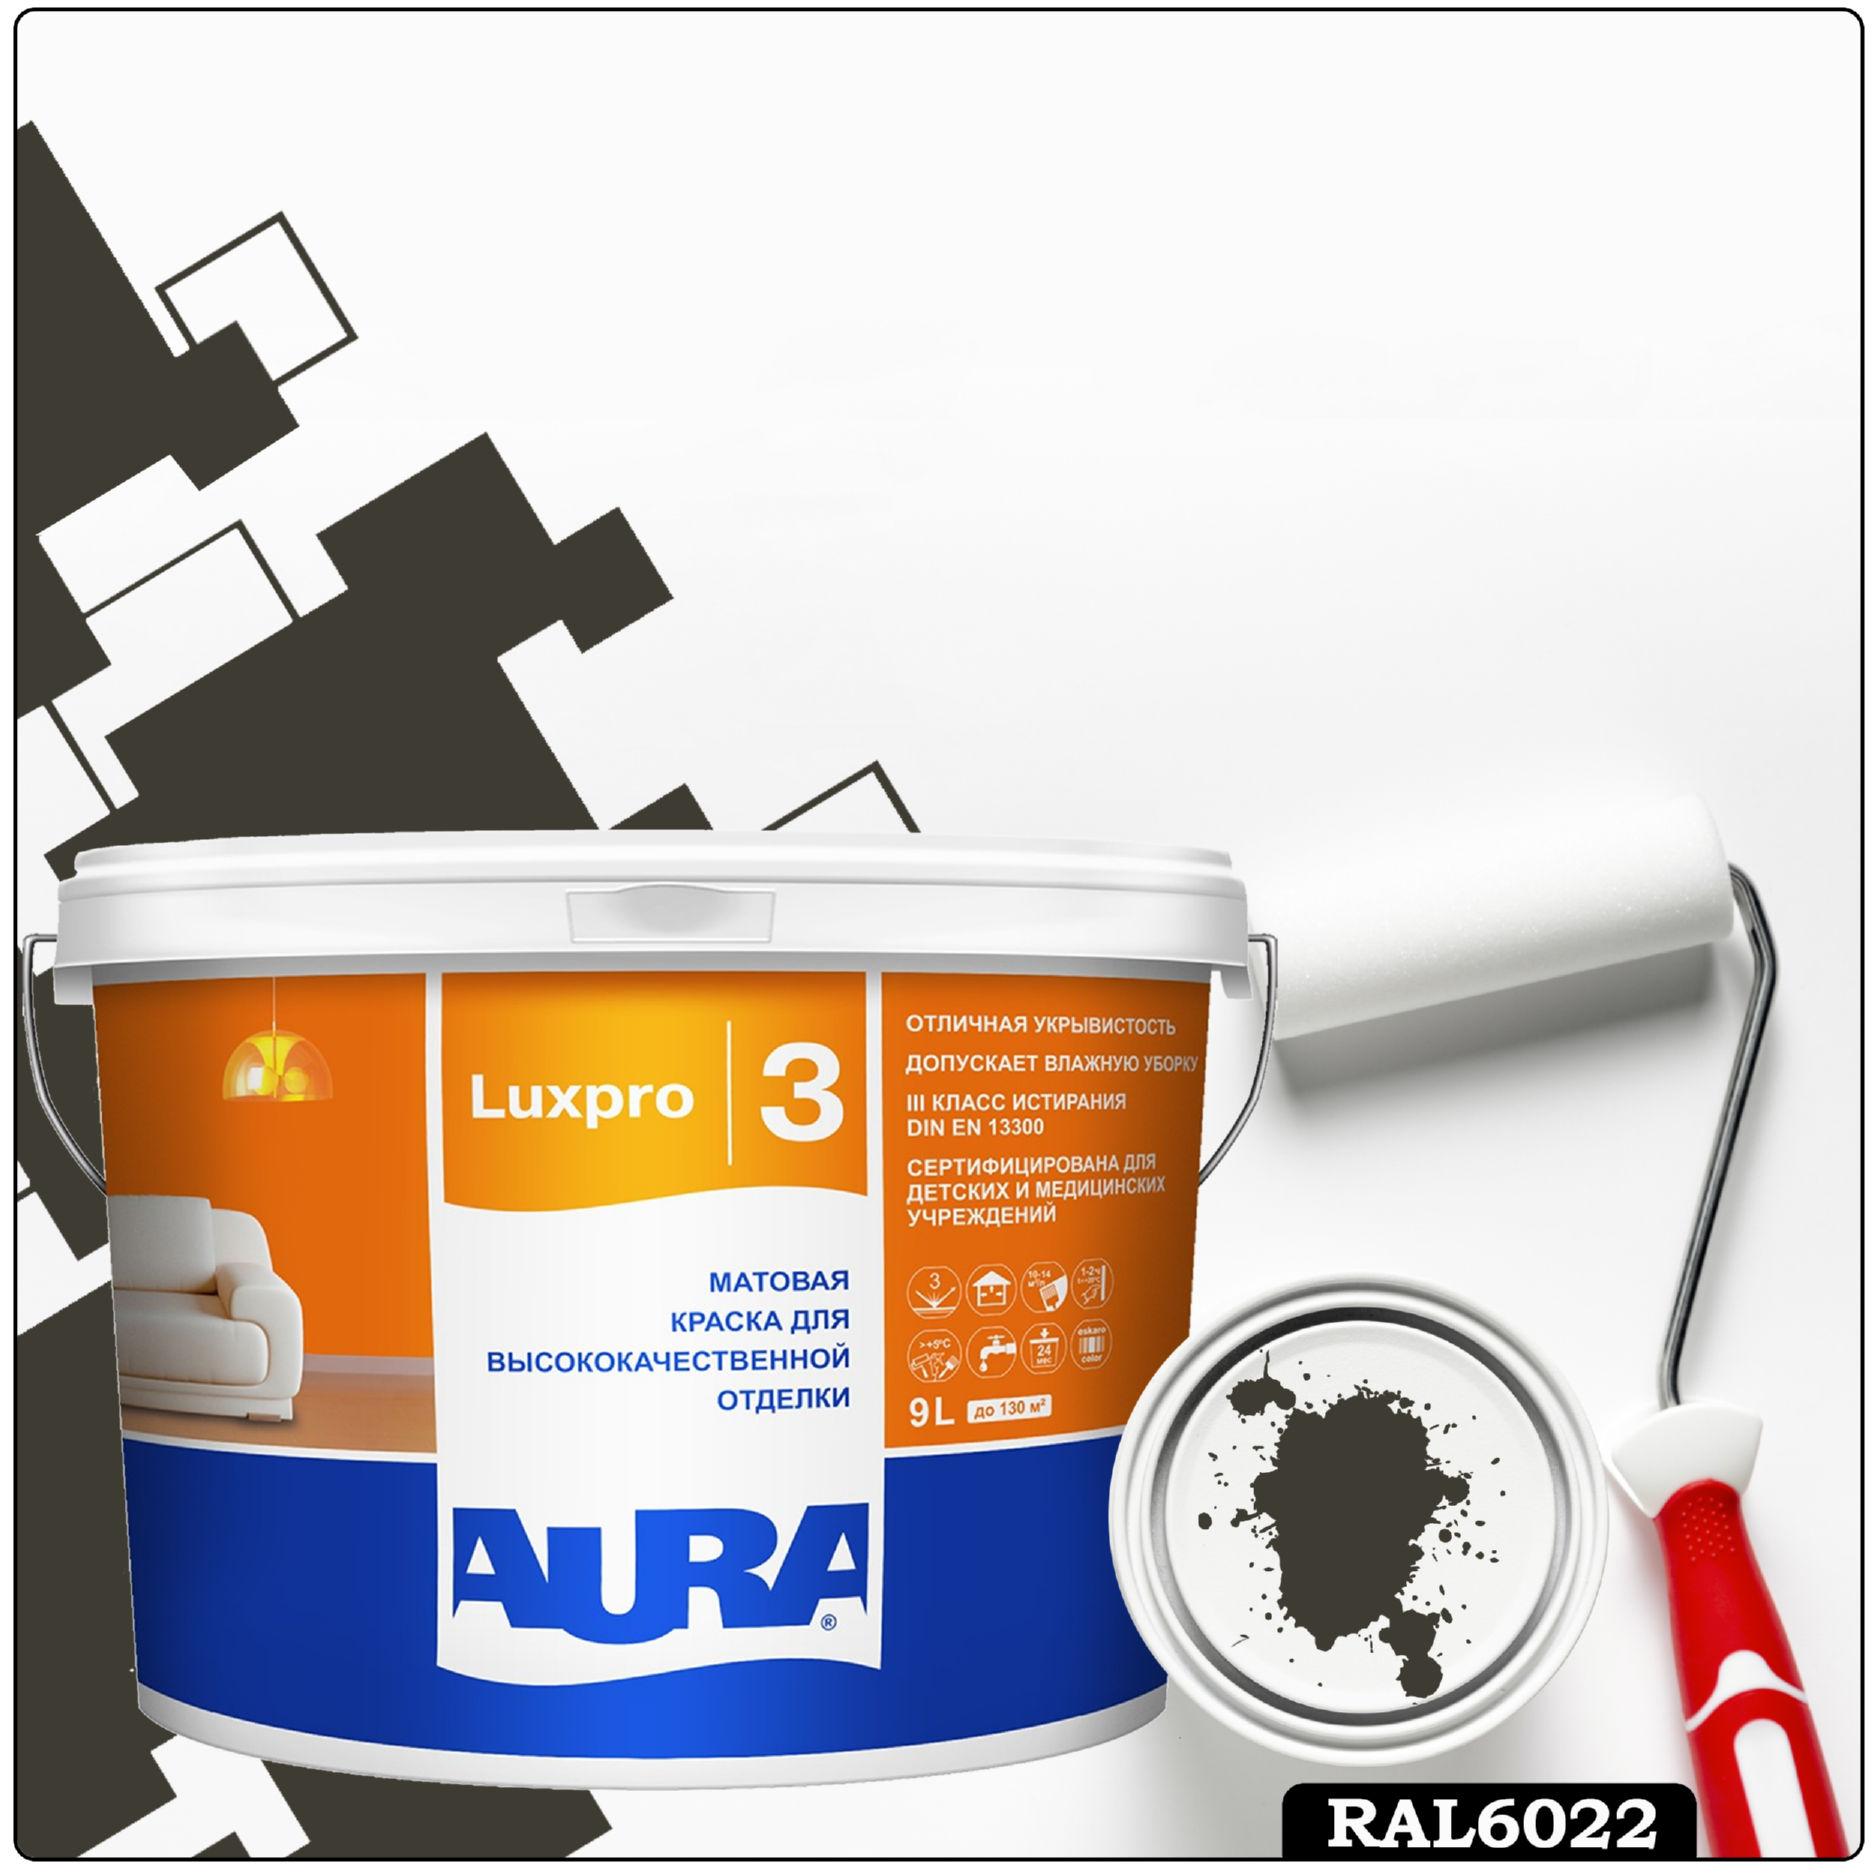 Фото 23 - Краска Aura LuxPRO 3, RAL 6022 Коричнево-оливковый, латексная, шелково-матовая, интерьерная, 9л, Аура.